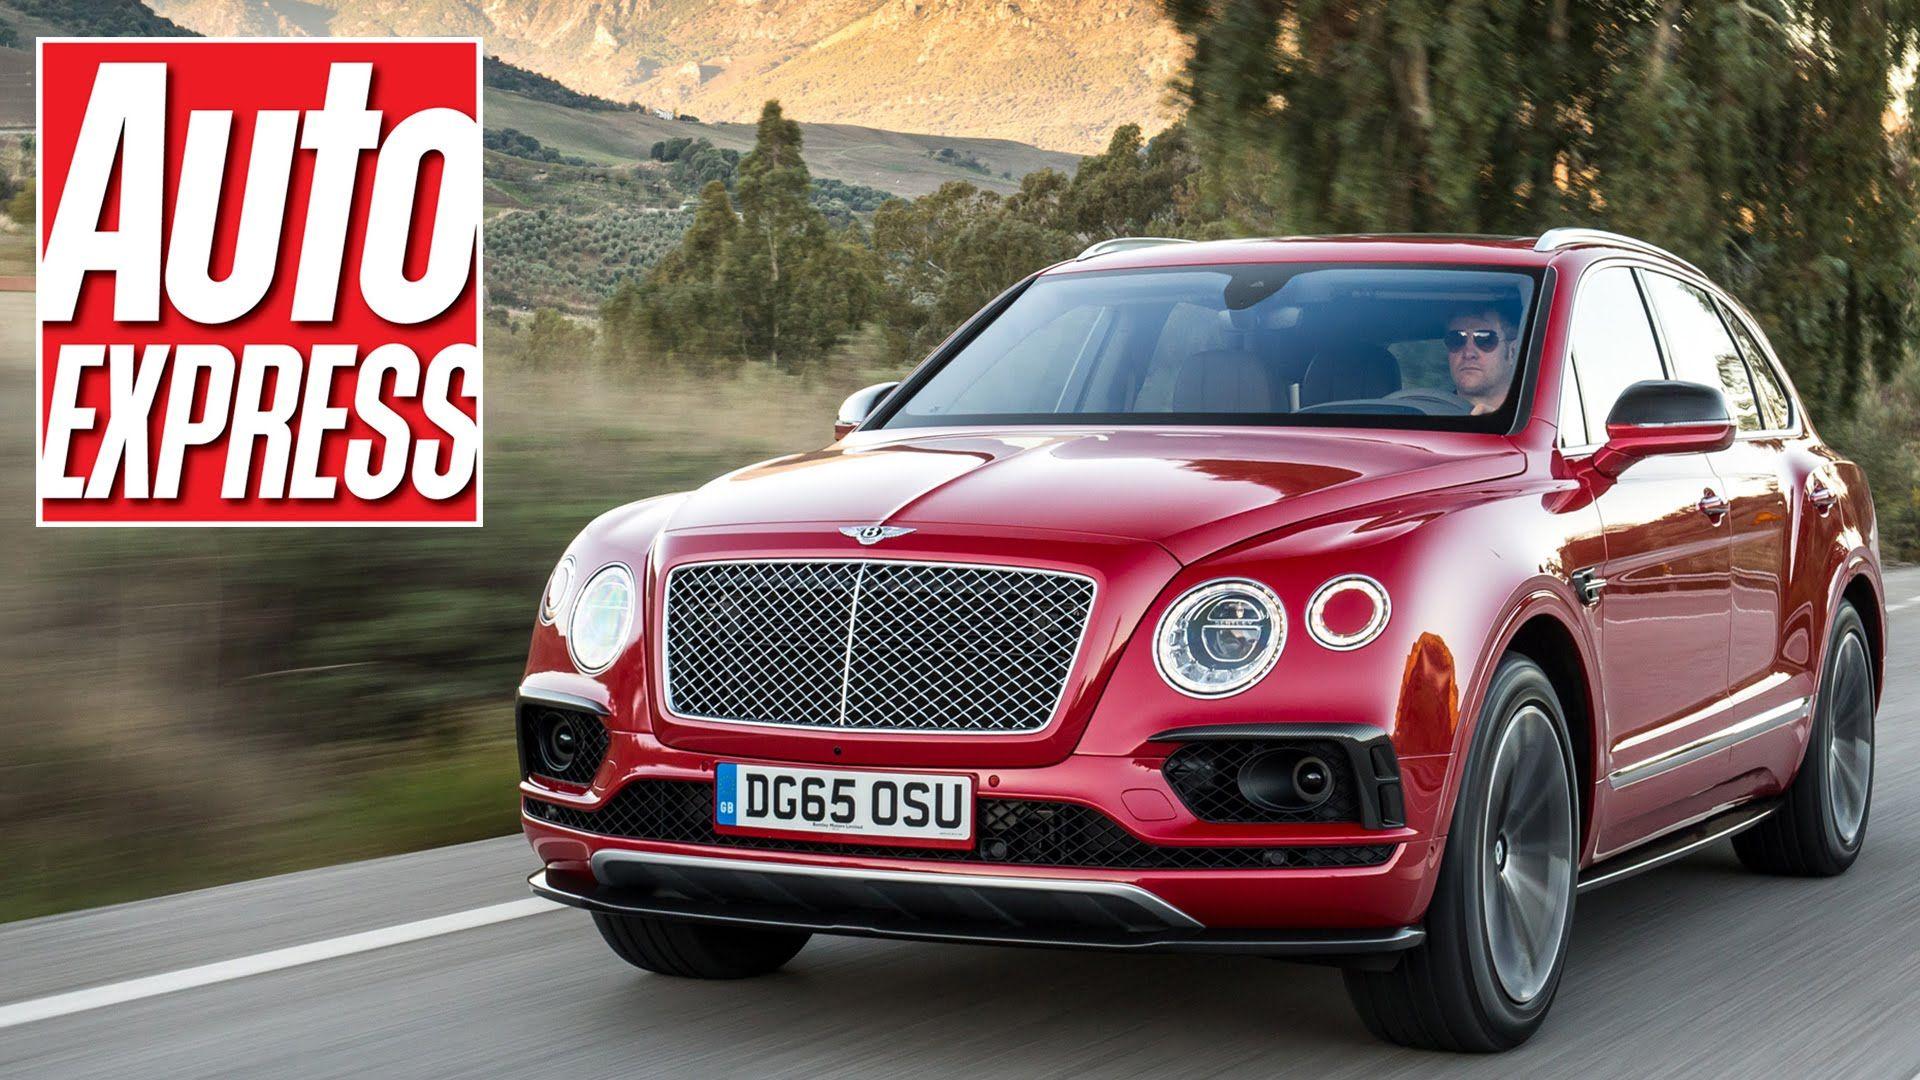 New Bentley Bentayga SUV review | AutoShopin.com | Pinterest | Suv on bentley truck, bentley watch, bentley arnage, bentley sport, bentley cars 2013, bentley zagato, bentley state limousine, bentley car models, bentley icon, bentley wagon, bentley coop, bentley 2013 models, bentley hearse, bentley brooklands, bentley racing cars, bentley symbol, bentley automobiles, bentley concept, bentley falcon, bentley maybach,